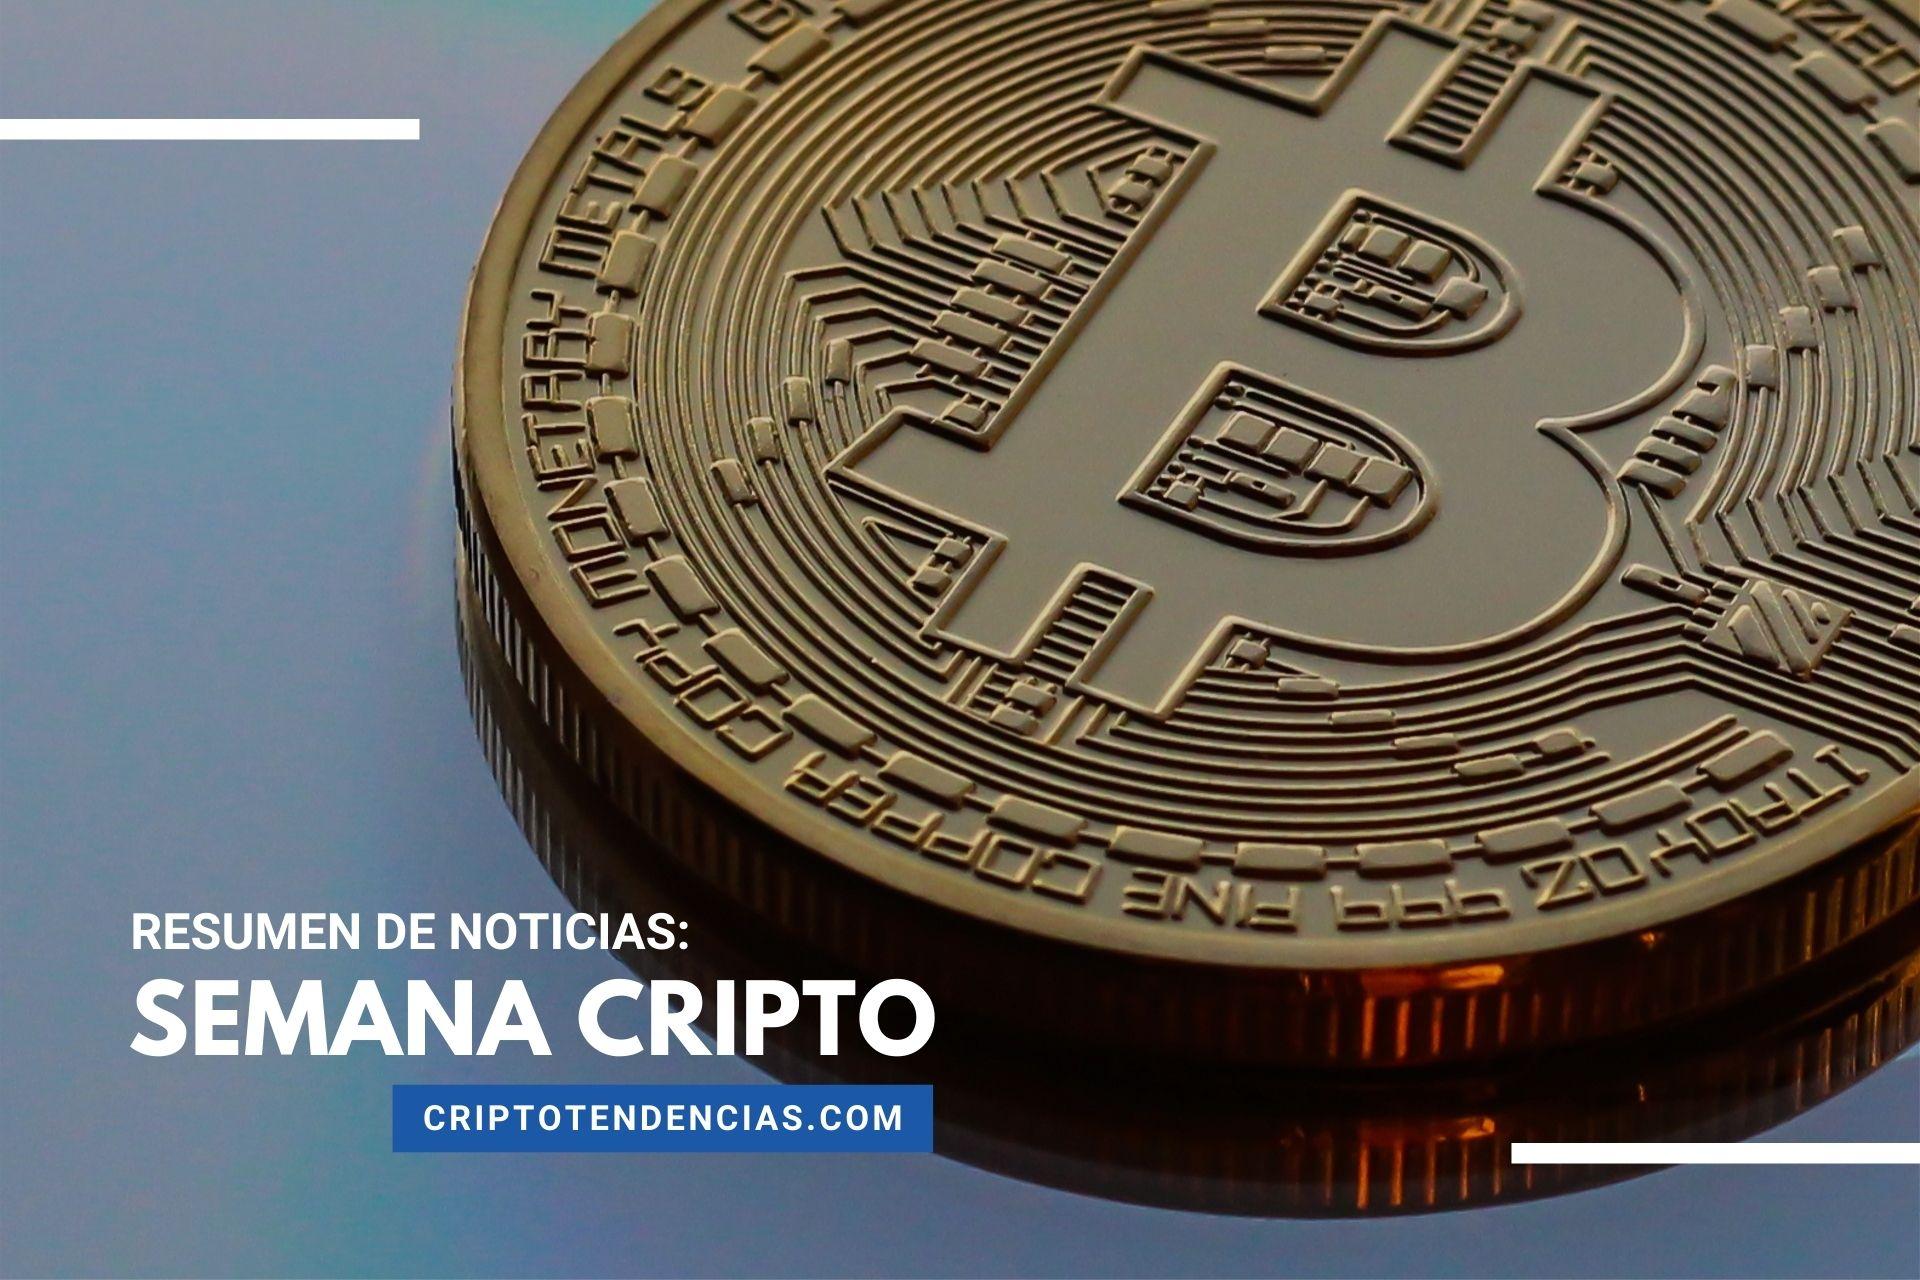 Las noticias más destacadas de Bitcoin y las criptomonedas en Semana Cripto